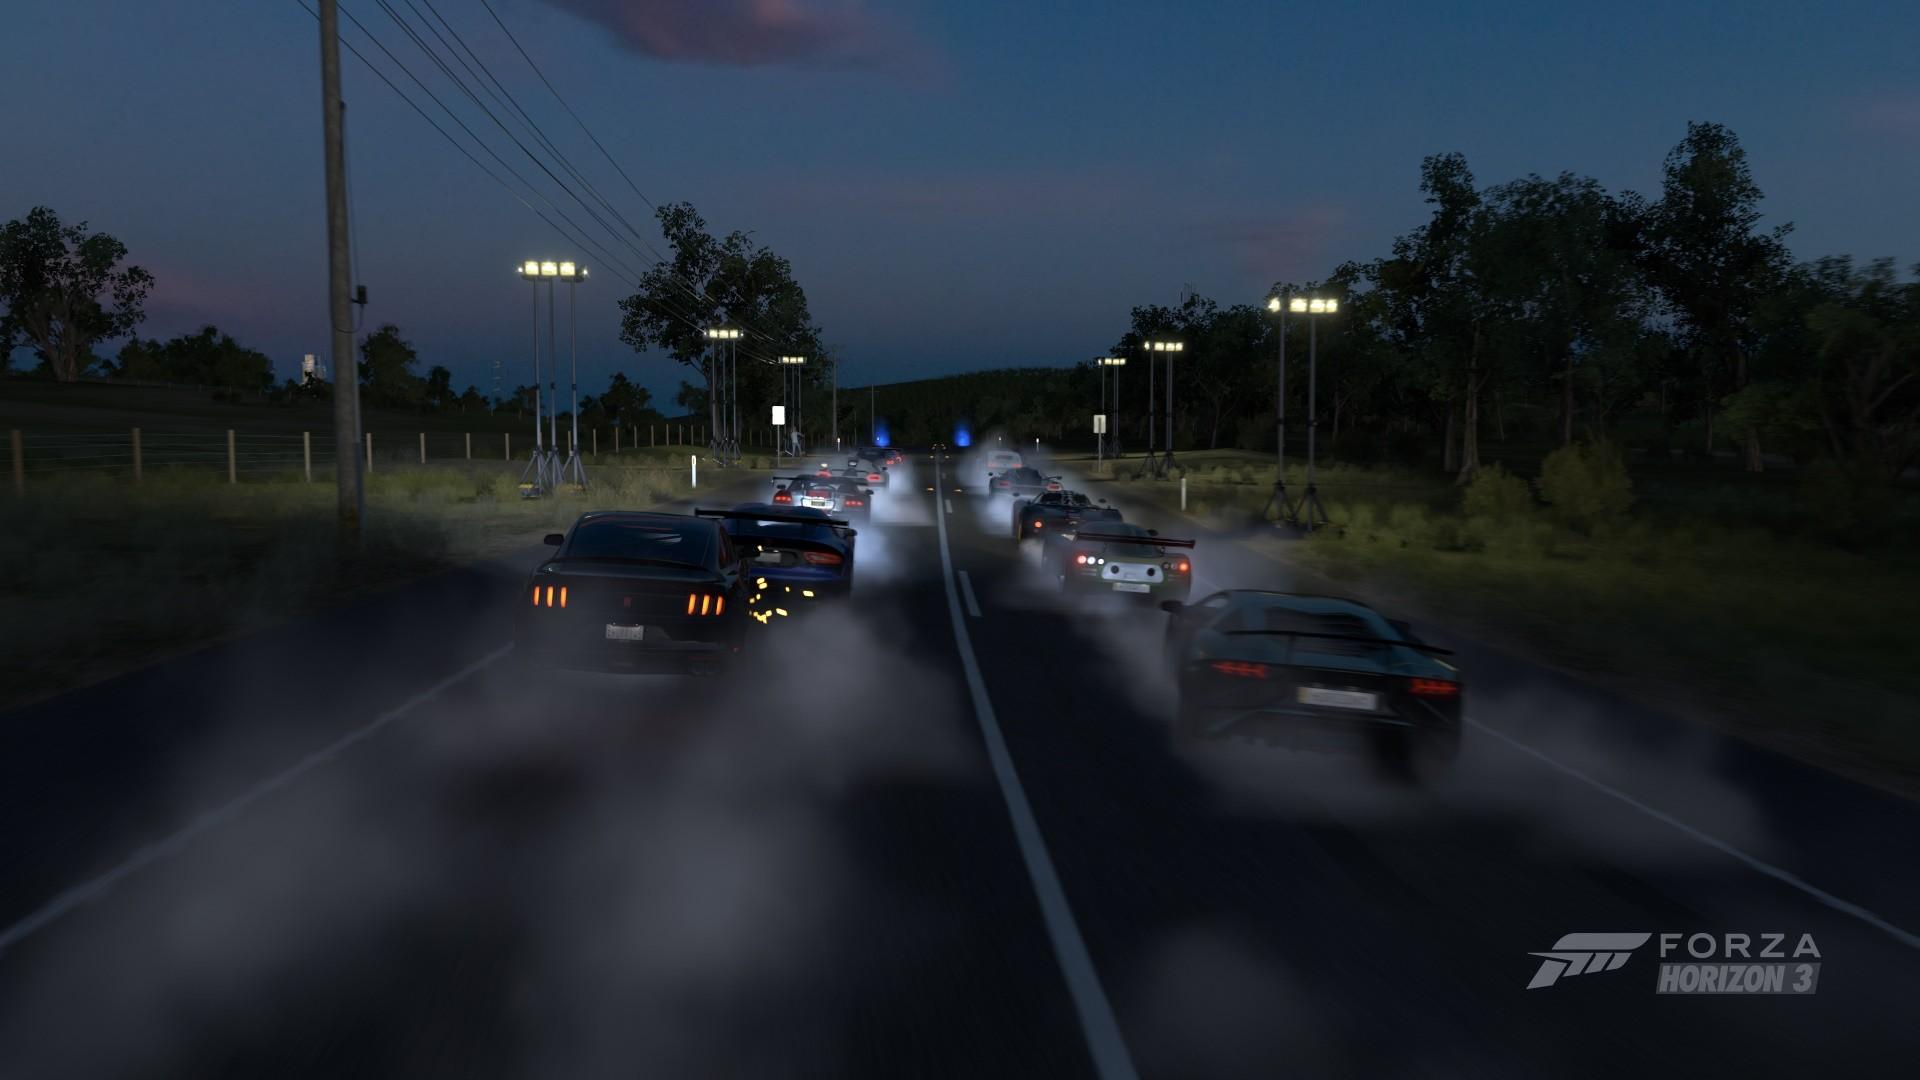 Fond Décran Nuit Véhicule Route Supercars Forza Horizon 3